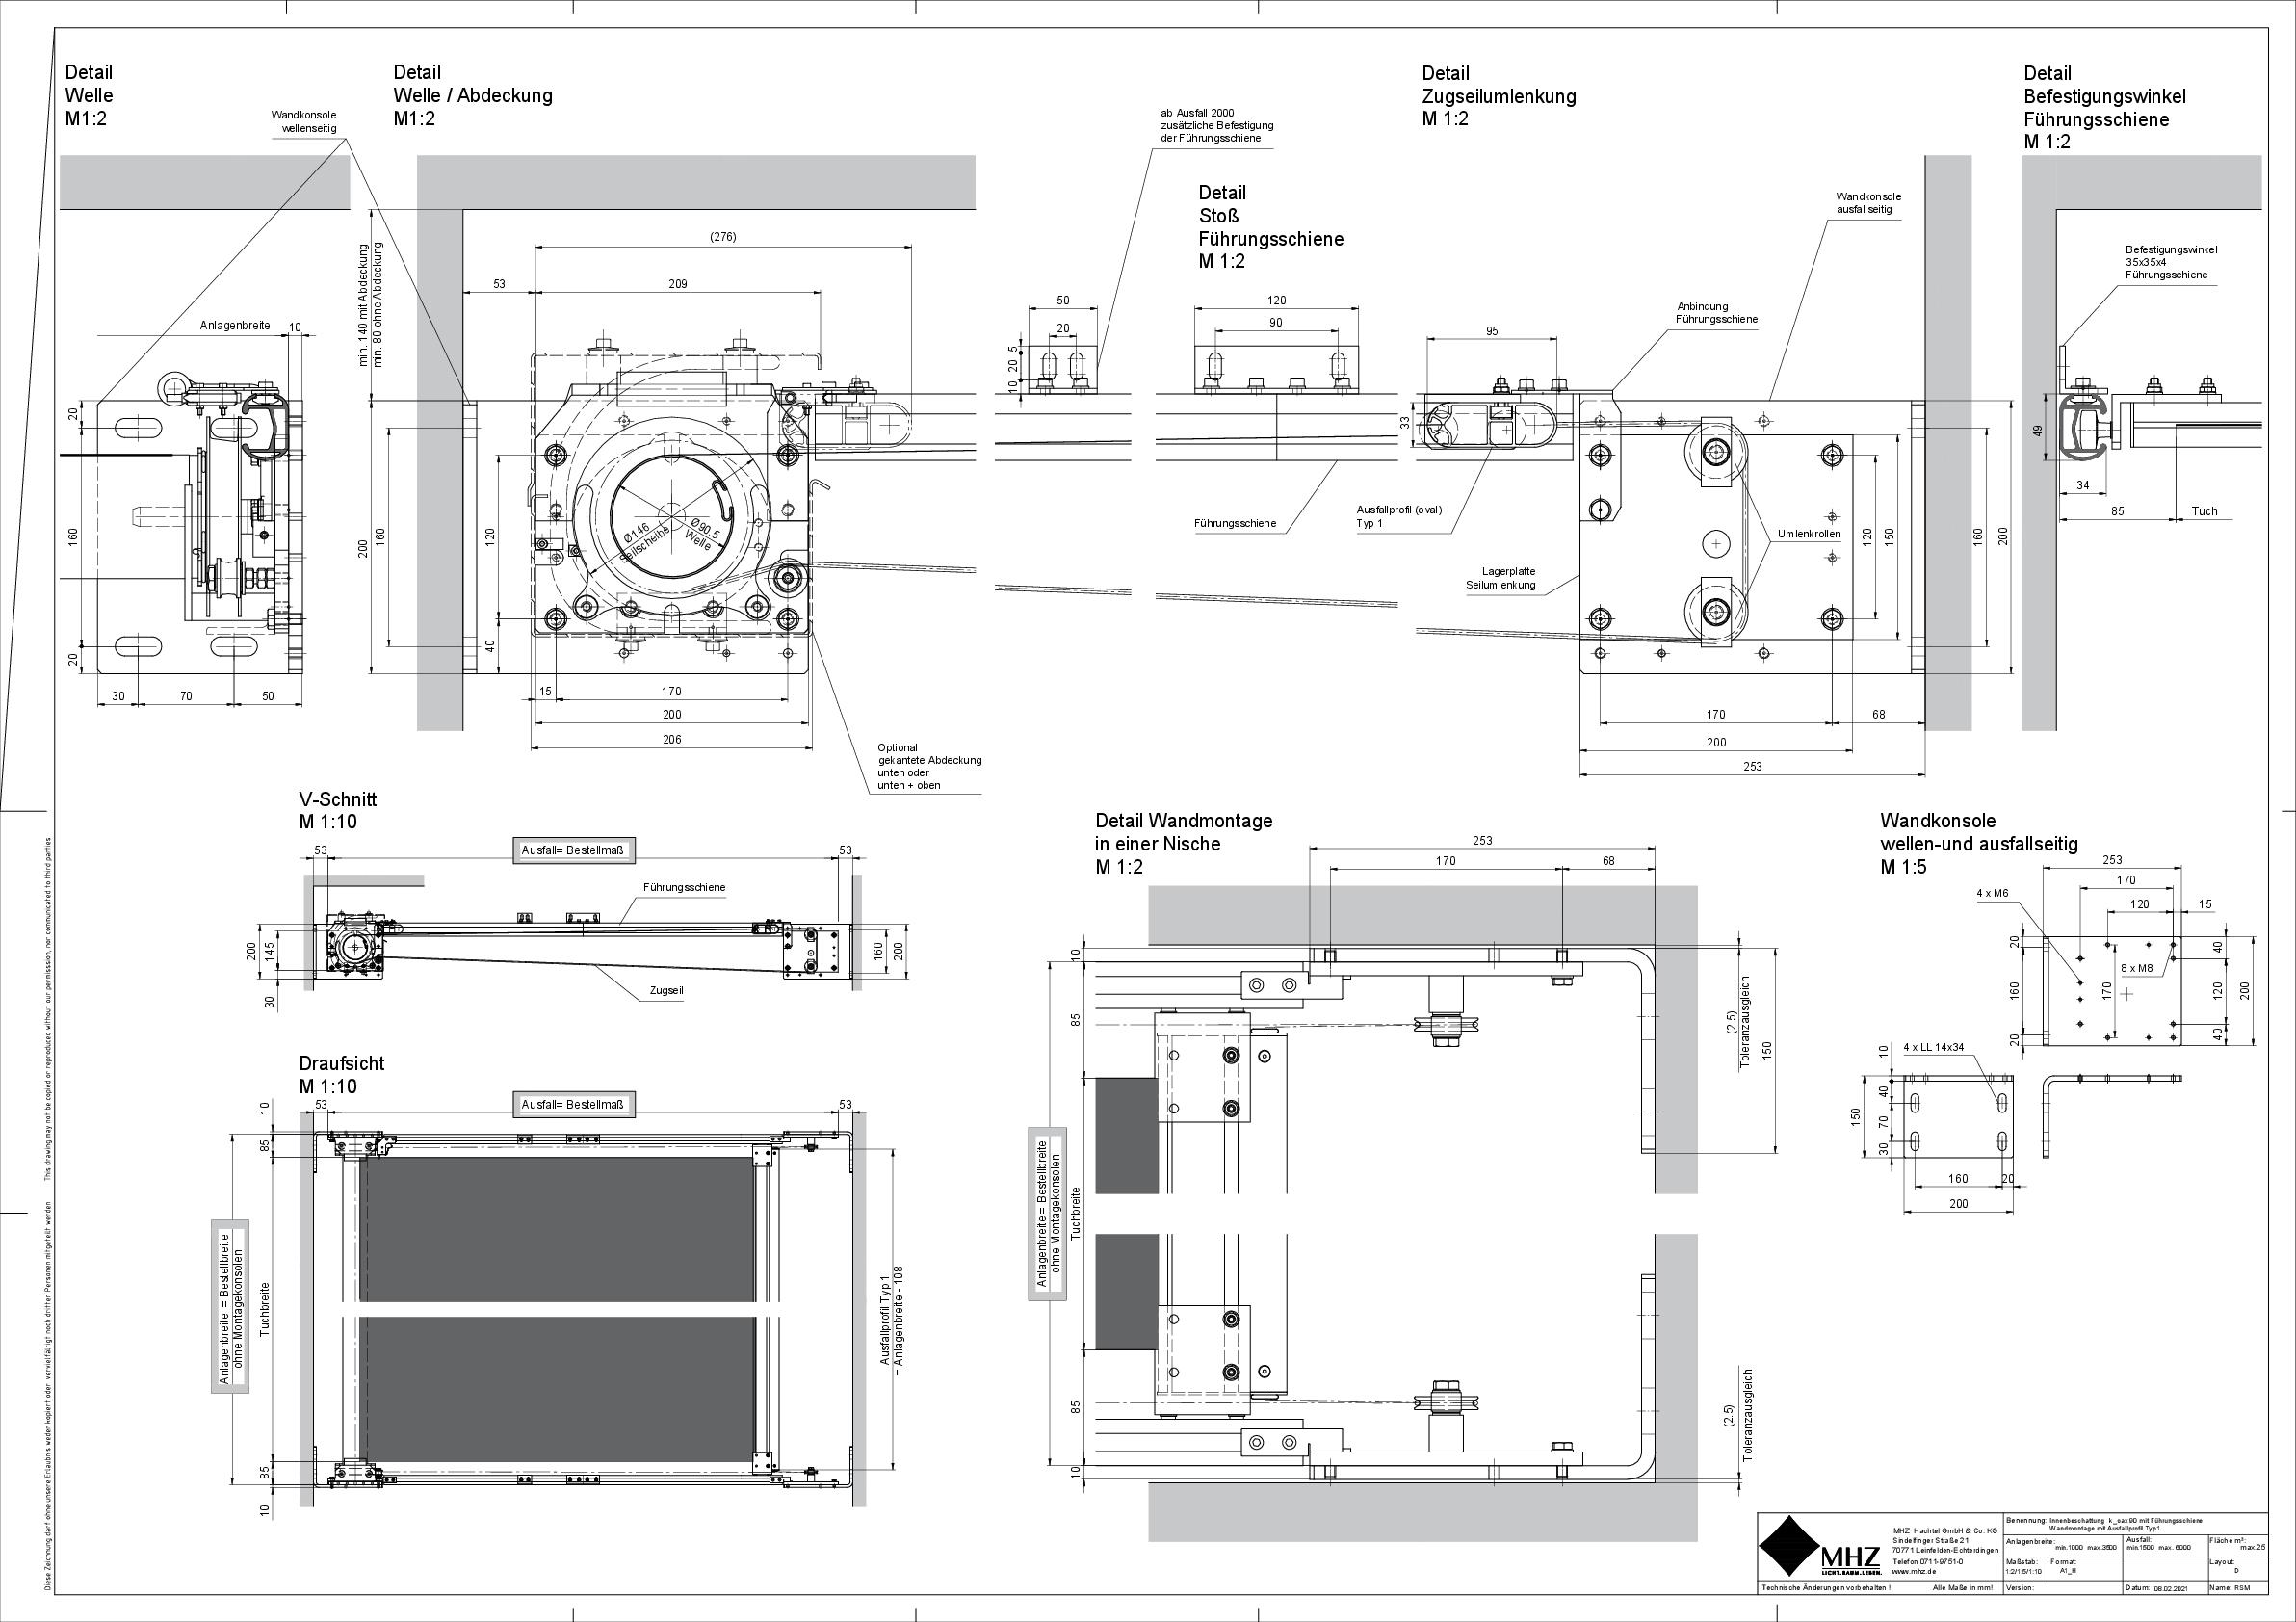 Technische Zeichnung Beschattung k_oax 90 Seilführung (dwg)